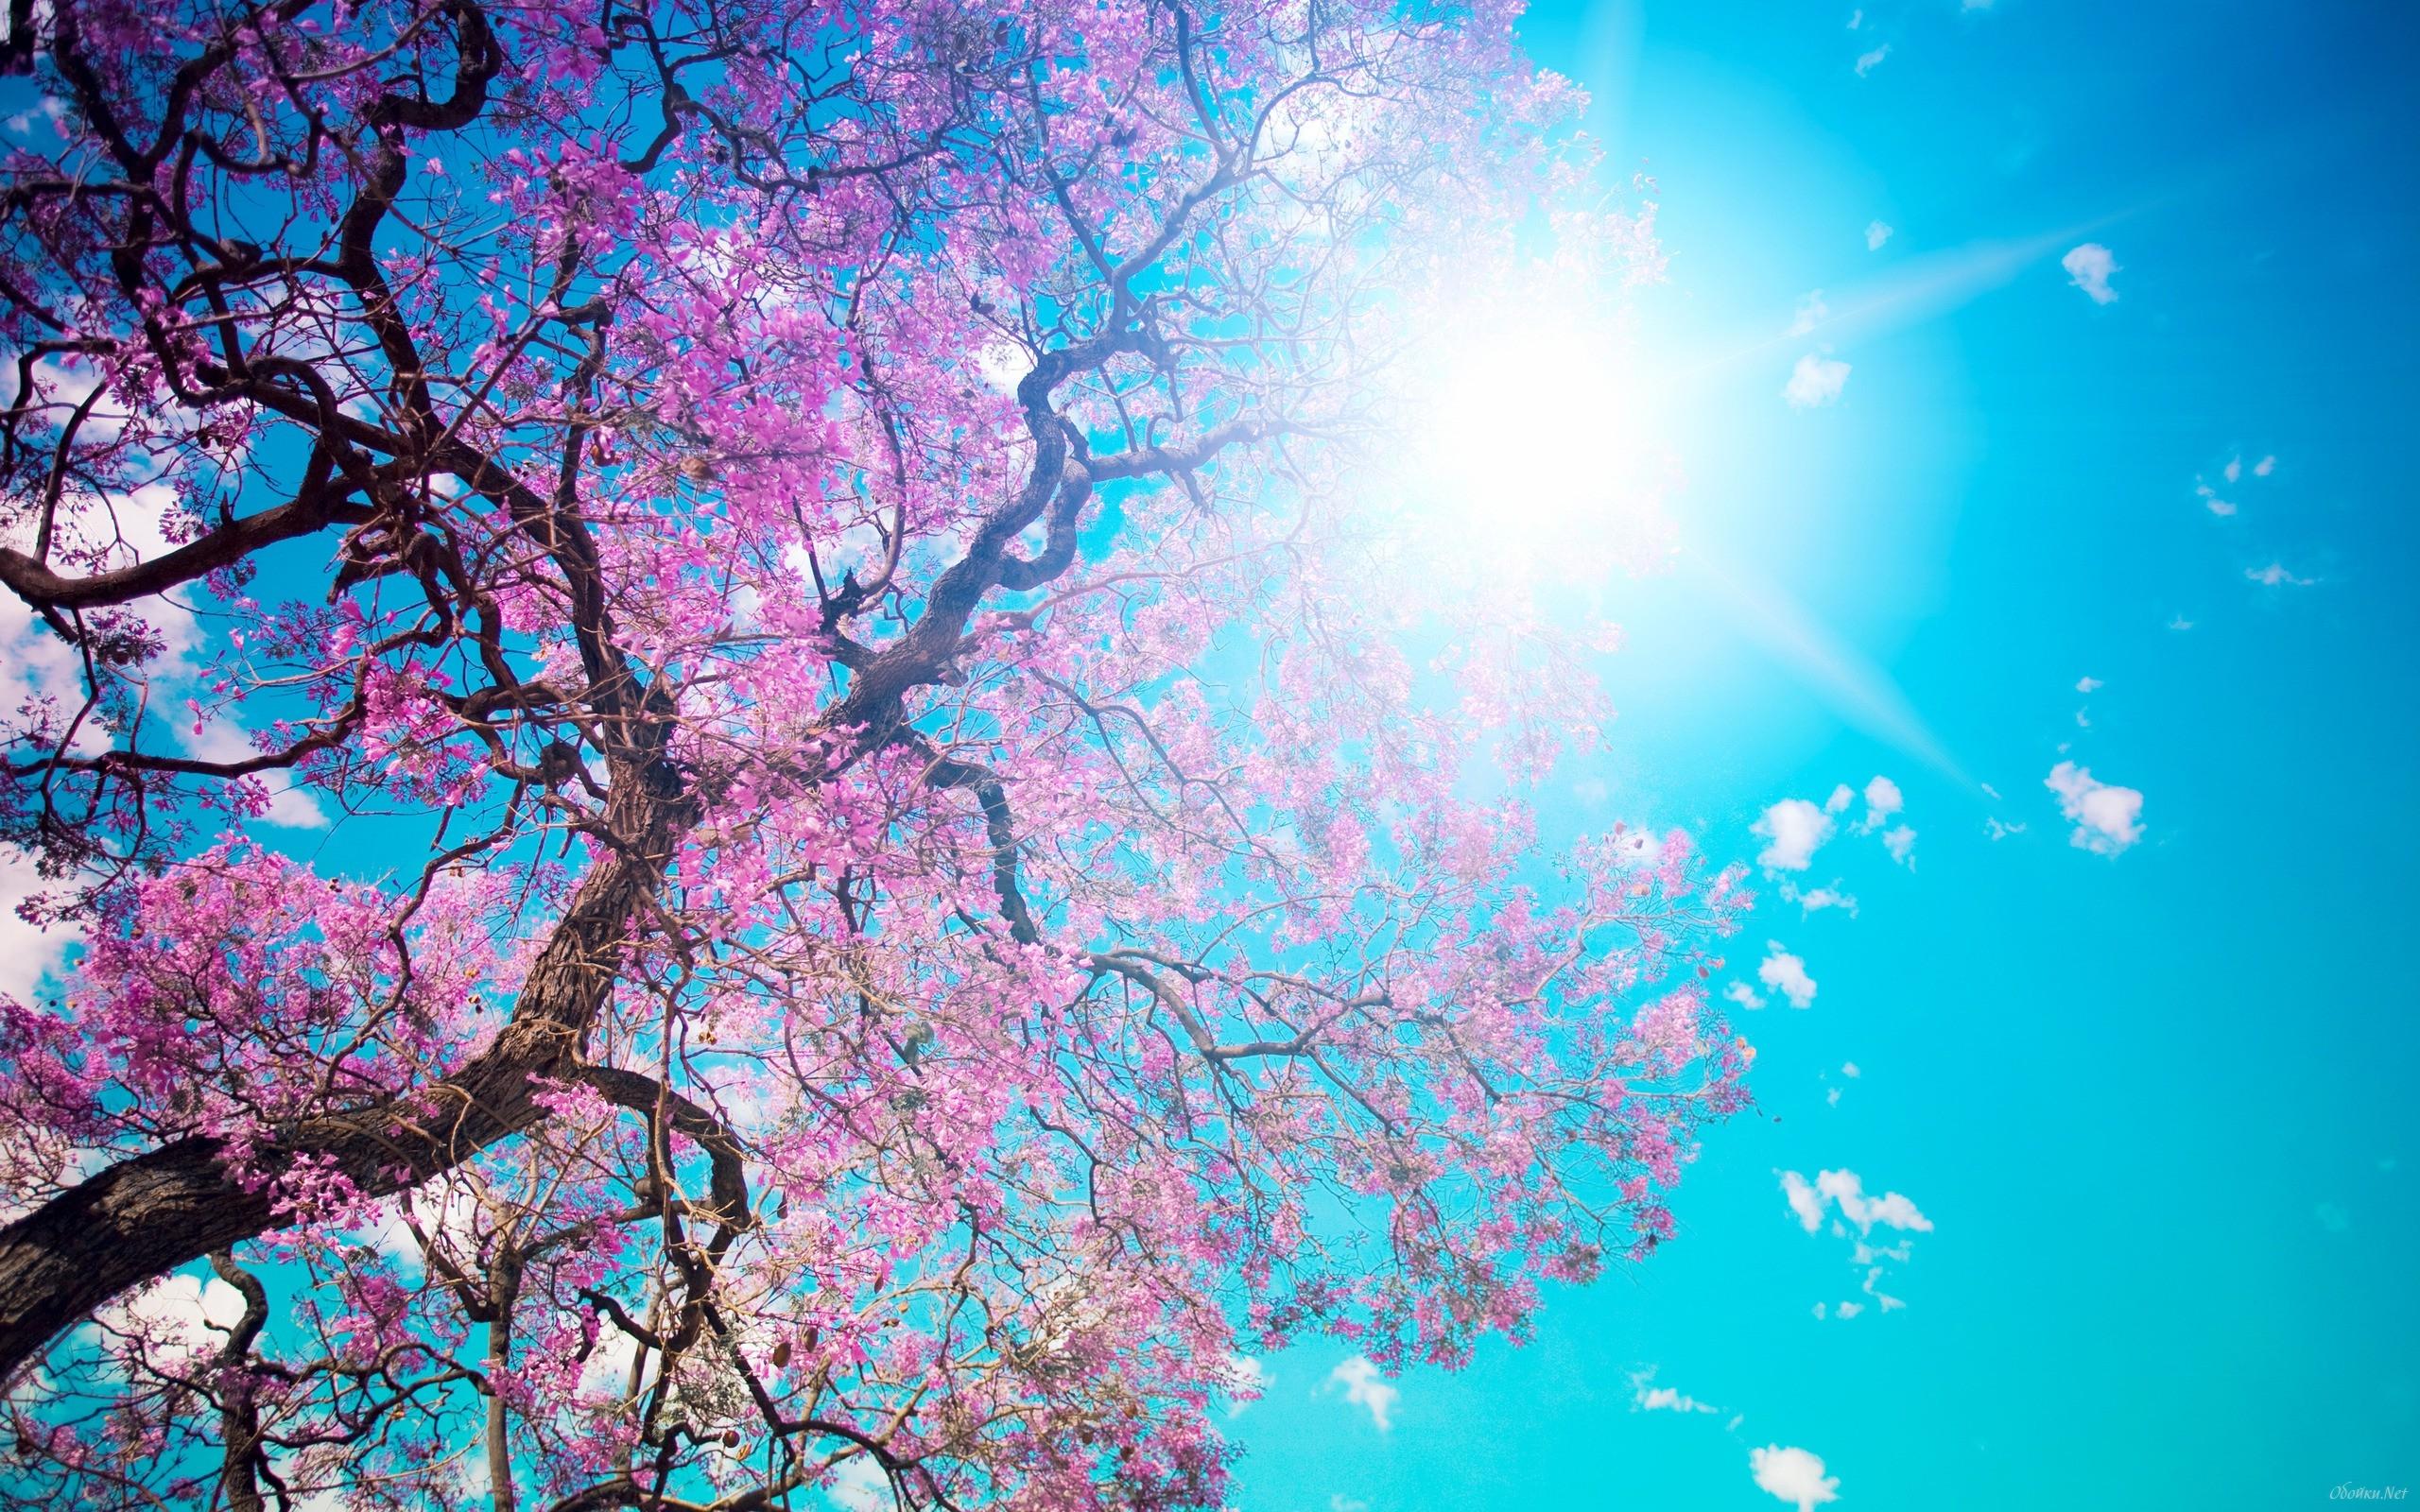 Cherry blossoms HD Desktop Wallpaper HD Desktop Wallpaper 2560x1600